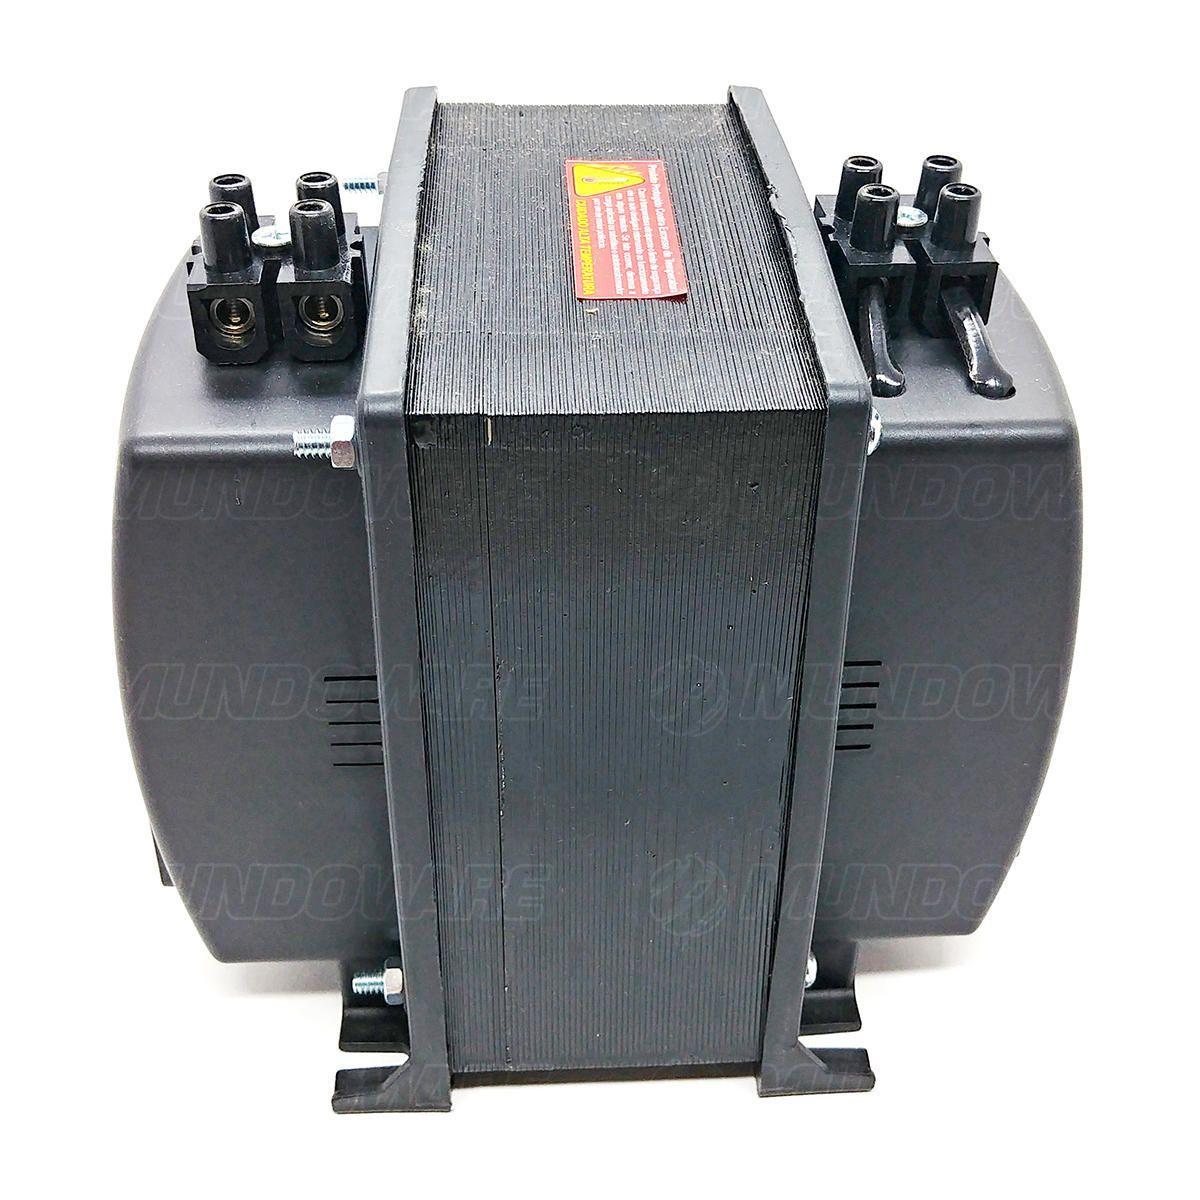 Auto Transformador 5000VA 3500W Bivolt de Borne com Protetor Térmico e Proteção Contra Sobrecarga Emplac F30013